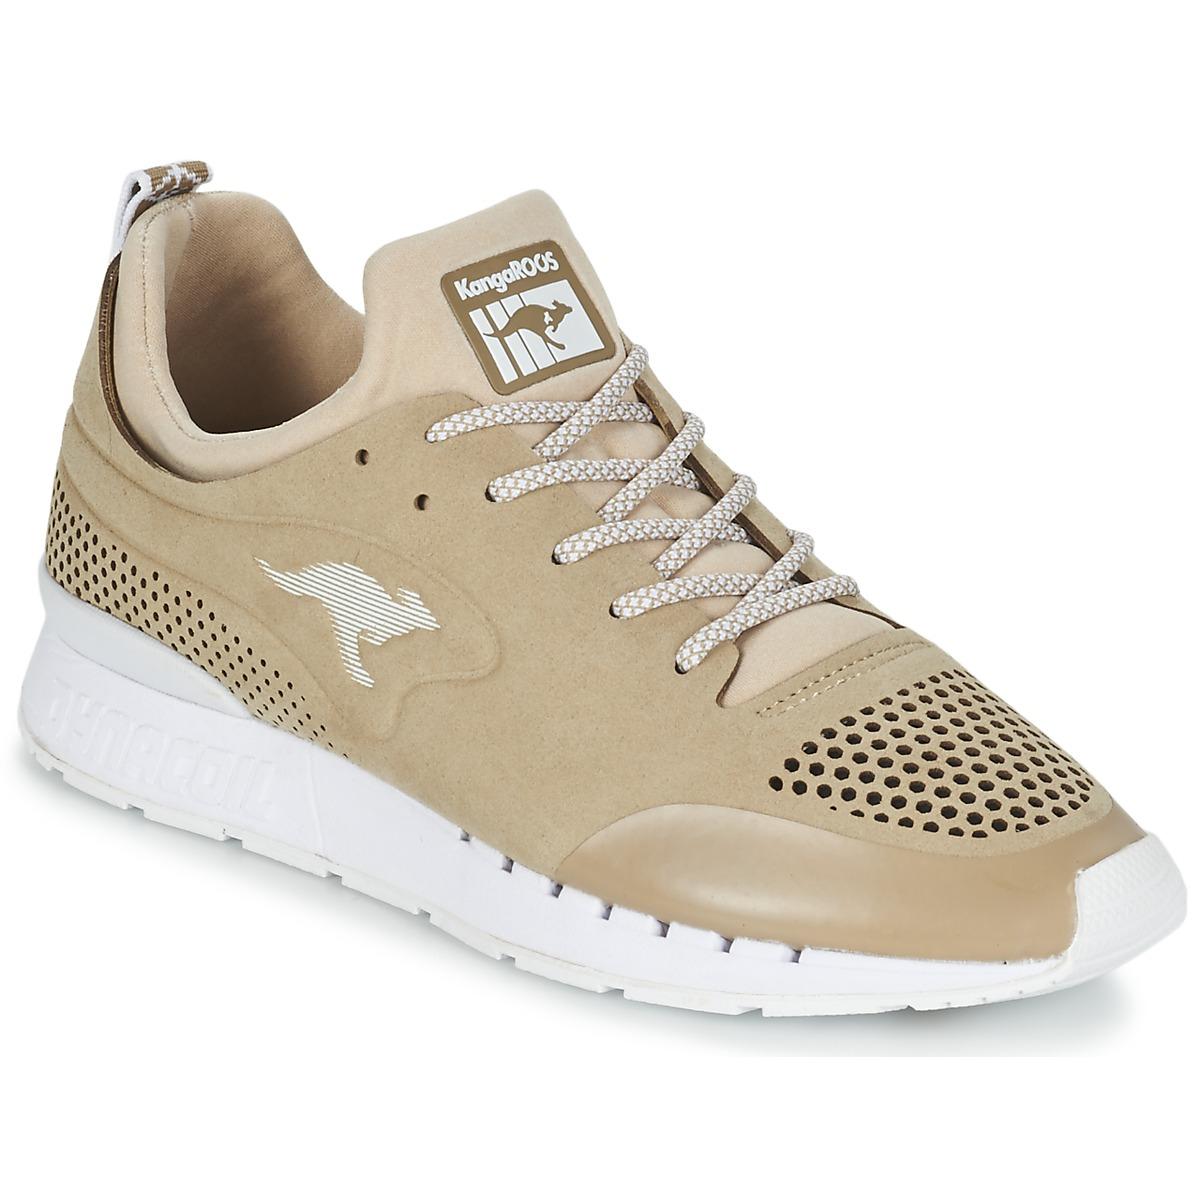 Kangaroos COIL 20 MONO Beige - Kostenloser Versand bei Spartoode ! - Schuhe Sneaker Low  79,99 €